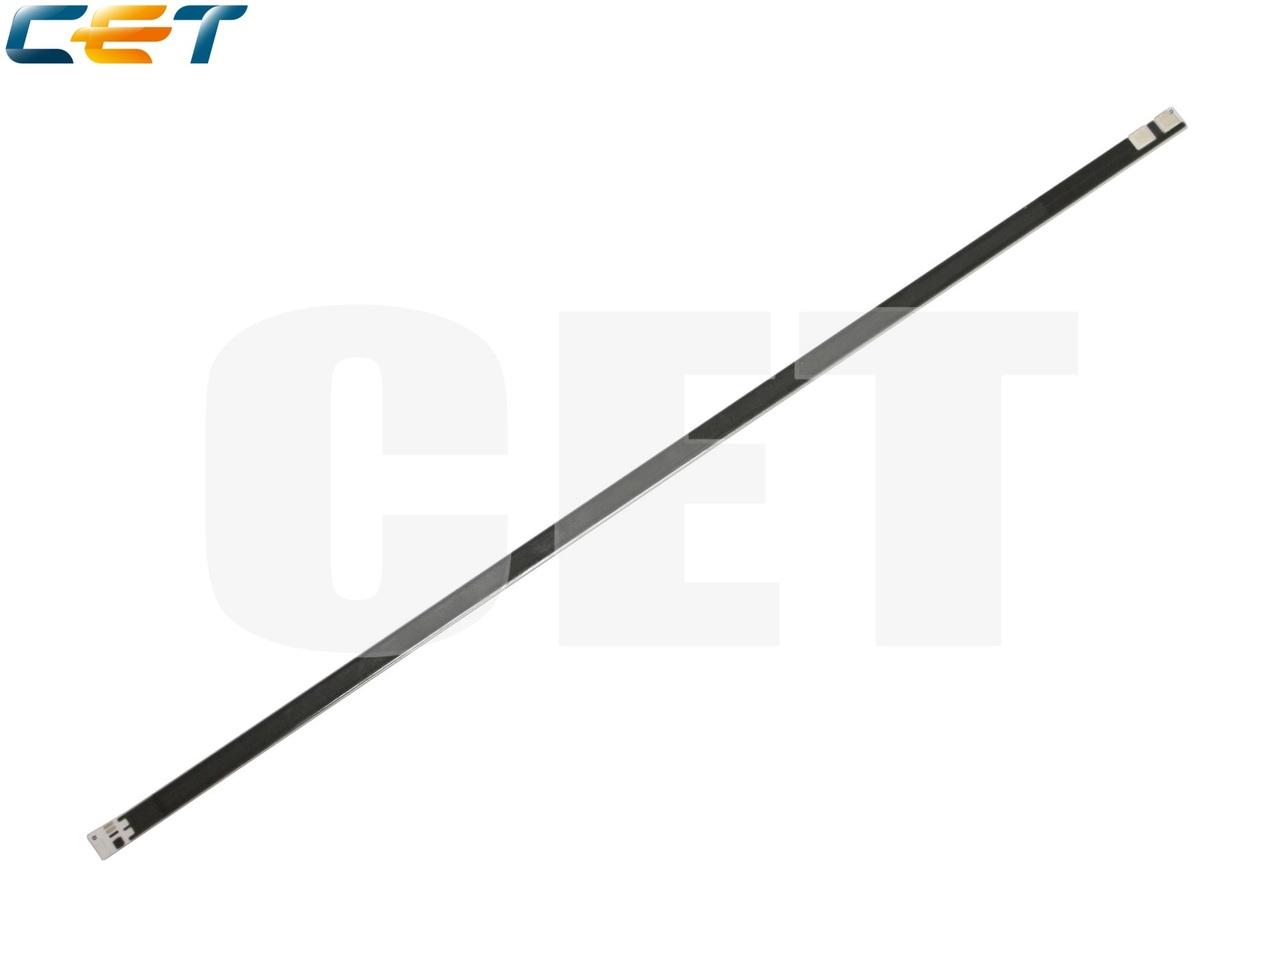 Нагревательный элемент для HP LaserJet P1505/M1522 (CET),CET4978